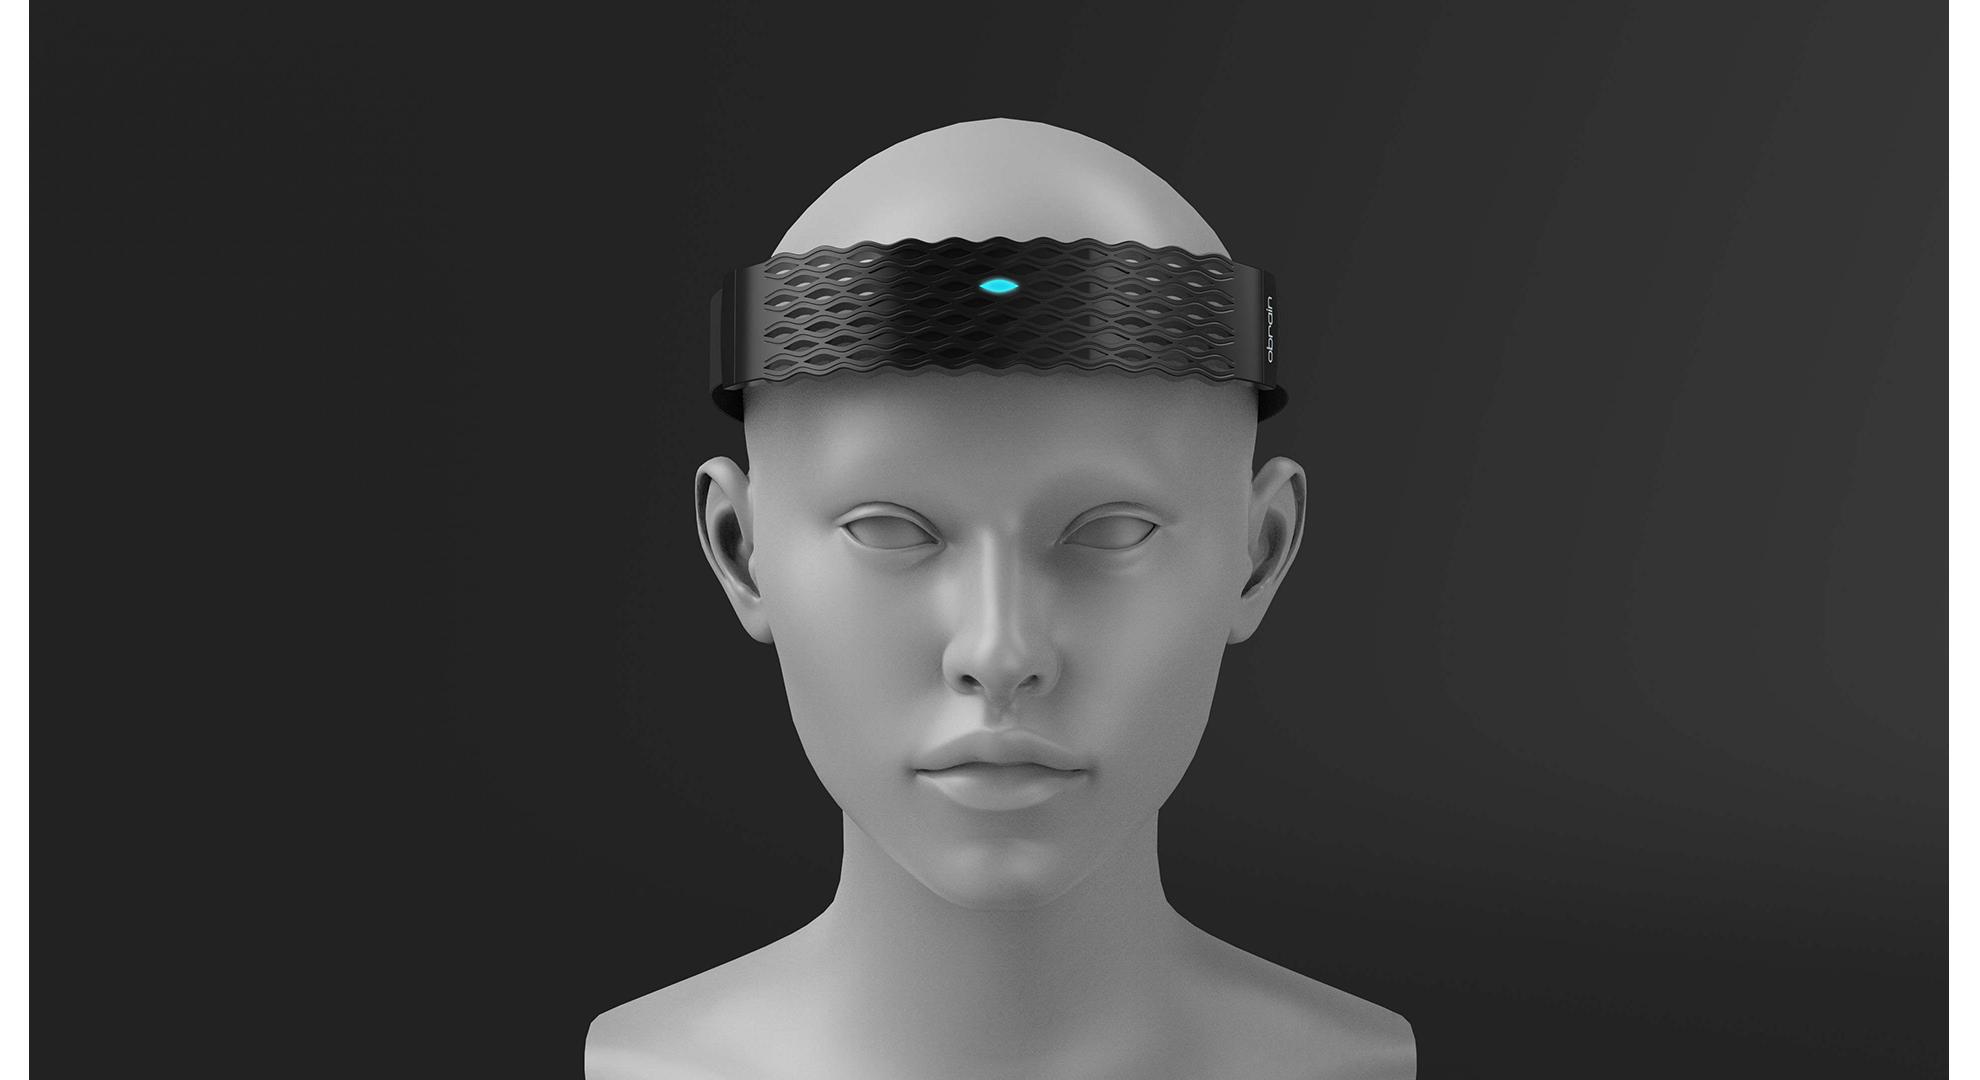 阿尔兹脑电波感知环